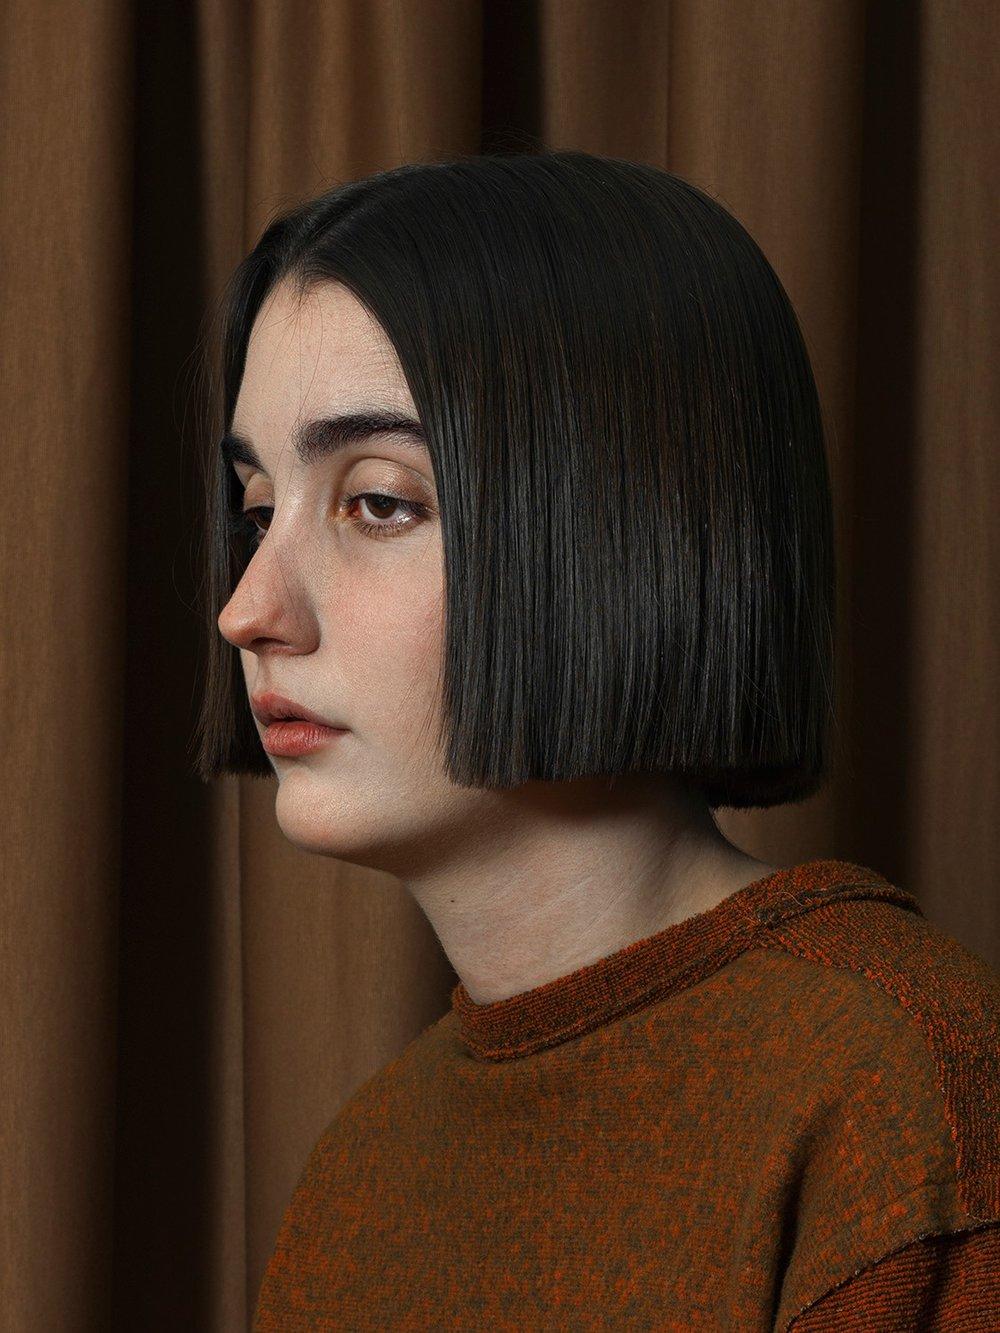 Portraits-_0762retcorta.jpg.2048x1566_q90.jpg